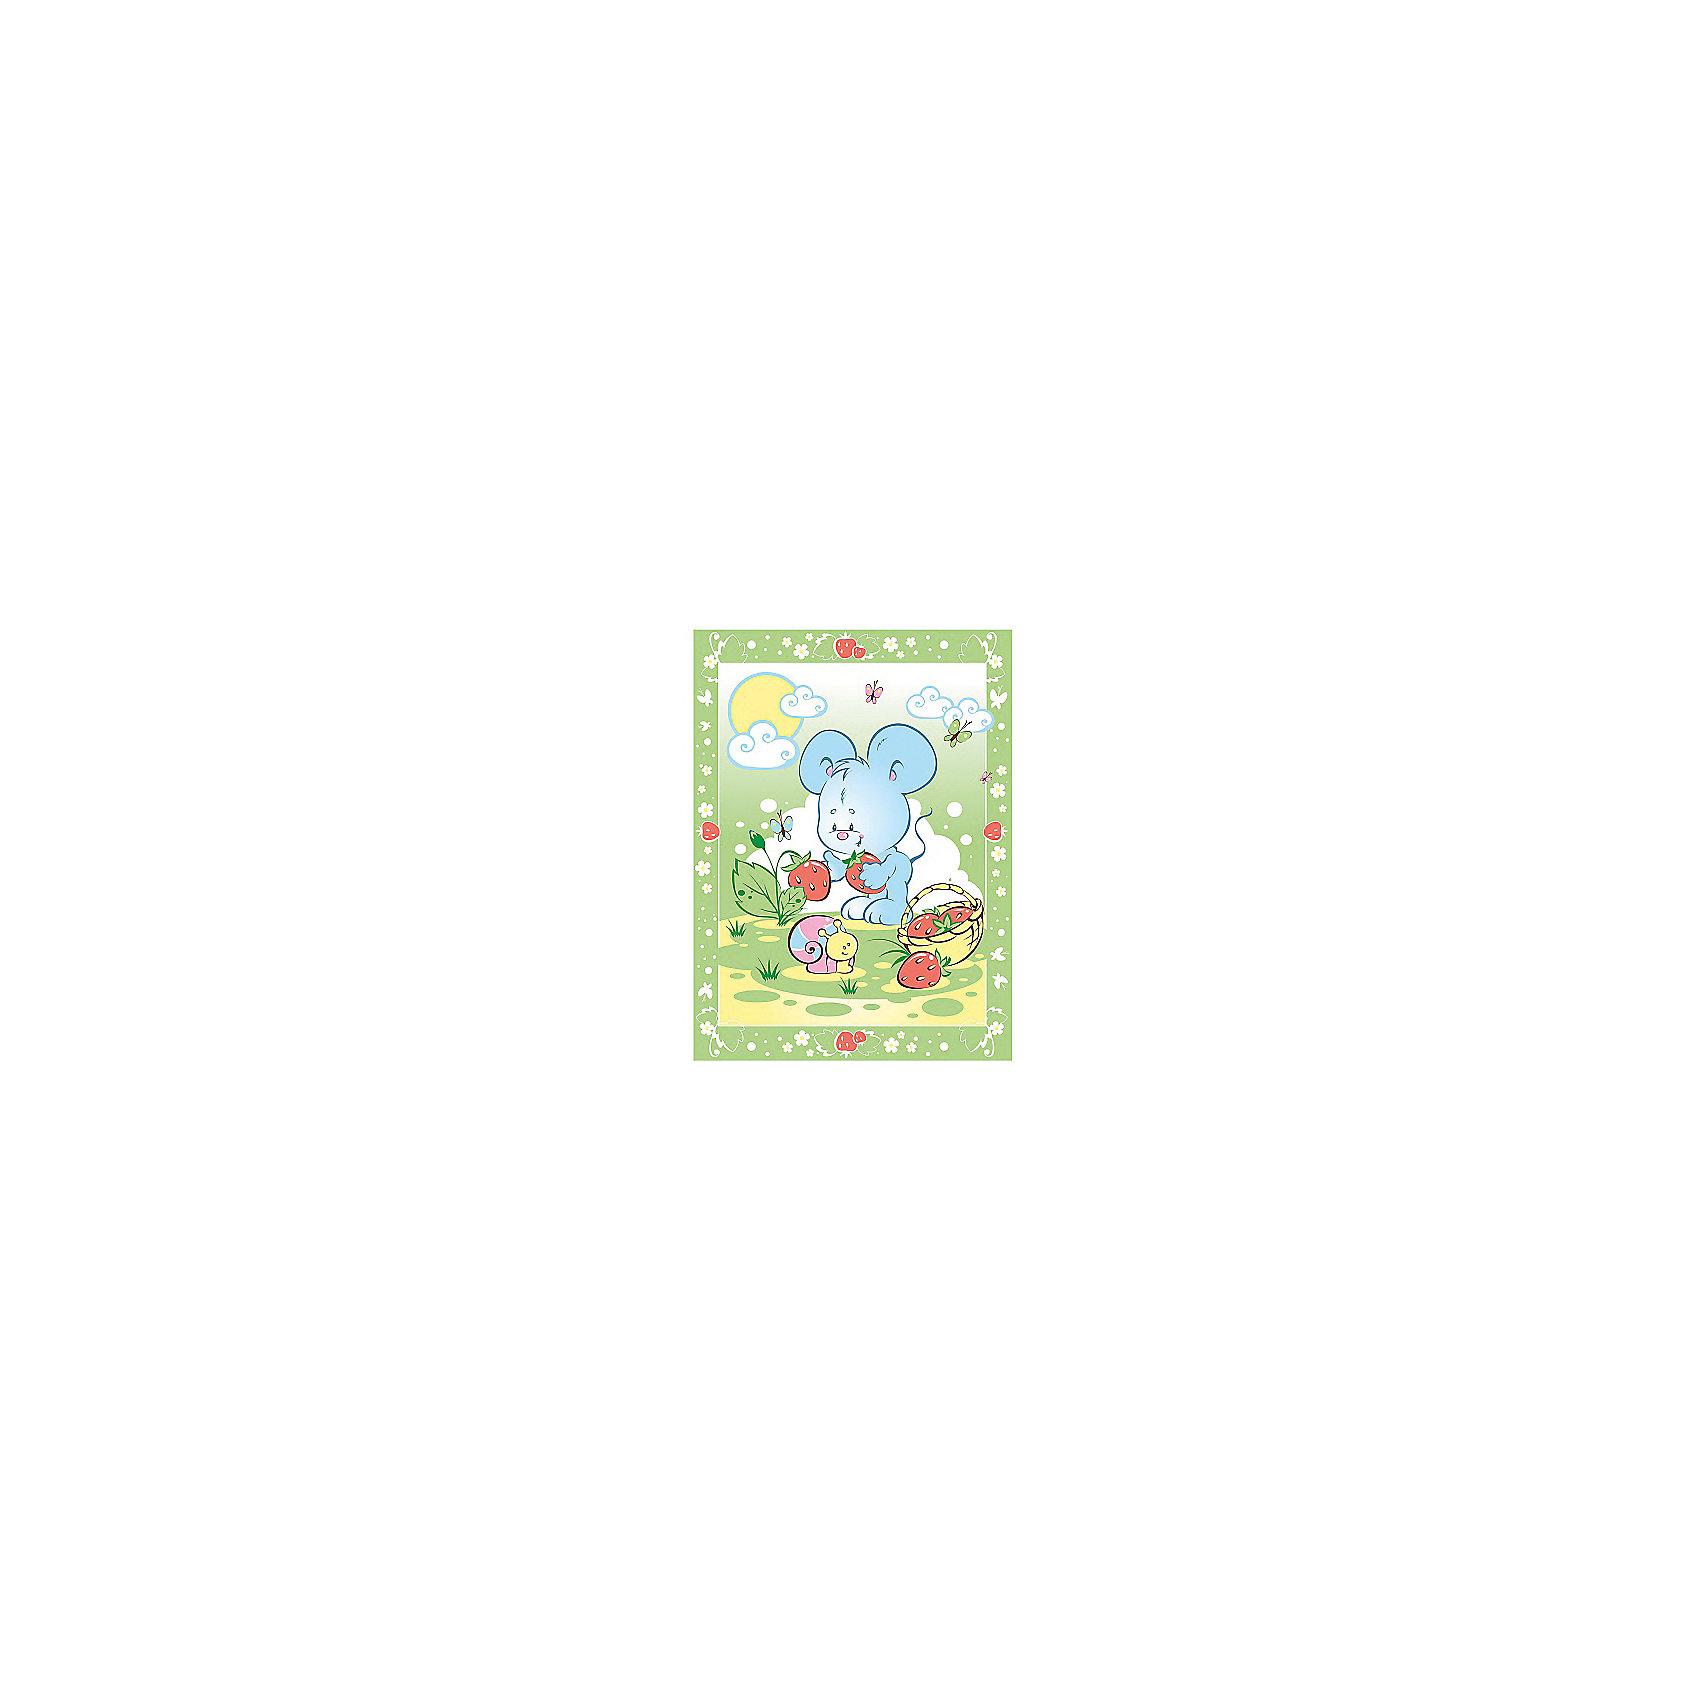 Одеяло байковое Земляничная поляна, 85х115, Baby Nice, зеленыйОдеяла, пледы<br>Одеяло байковое Земляничная поляна, 85х115, Baby Nice, зеленый.<br><br>Характеристики:<br><br>- Размер: 85х115 см.<br>- Материал: 100% хлопок<br>- Цвет: зеленый<br><br>Детское байковое одеяло «Земляничная поляна» от российского производителя Baby Nice подарит Вашему малышу ощущение тепла и уюта. Одеяло подходят для дома и для прогулки, и рекомендовано к эксплуатации круглый год. Можно не сомневаться, что малыша, укрытого байковым одеялом, ждет комфортный крепкий сон! Выполненное из 100% хлопка, одеяло нежное и мягкое на ощупь, отлично дышит, проводит тепло, поддерживая нужную температуру, никогда не вызовет раздражение на коже малыша, абсолютно гипоаллергенно. Края изделия обработаны оверлоком. Одеяло не требует сложного специального ухода: легко стирается, сушится, не деформируется. А яркий рисунок на изделии обязательно привлечет внимание Вашего крохи, и он будет с большим интересом рассматривать забавного мышонка и его подружку улитку.<br><br>Одеяло байковое Земляничная поляна, 85х115, Baby Nice, зеленое можно купить в нашем интернет-магазине.<br><br>Ширина мм: 230<br>Глубина мм: 250<br>Высота мм: 40<br>Вес г: 500<br>Возраст от месяцев: 0<br>Возраст до месяцев: 36<br>Пол: Унисекс<br>Возраст: Детский<br>SKU: 4943410